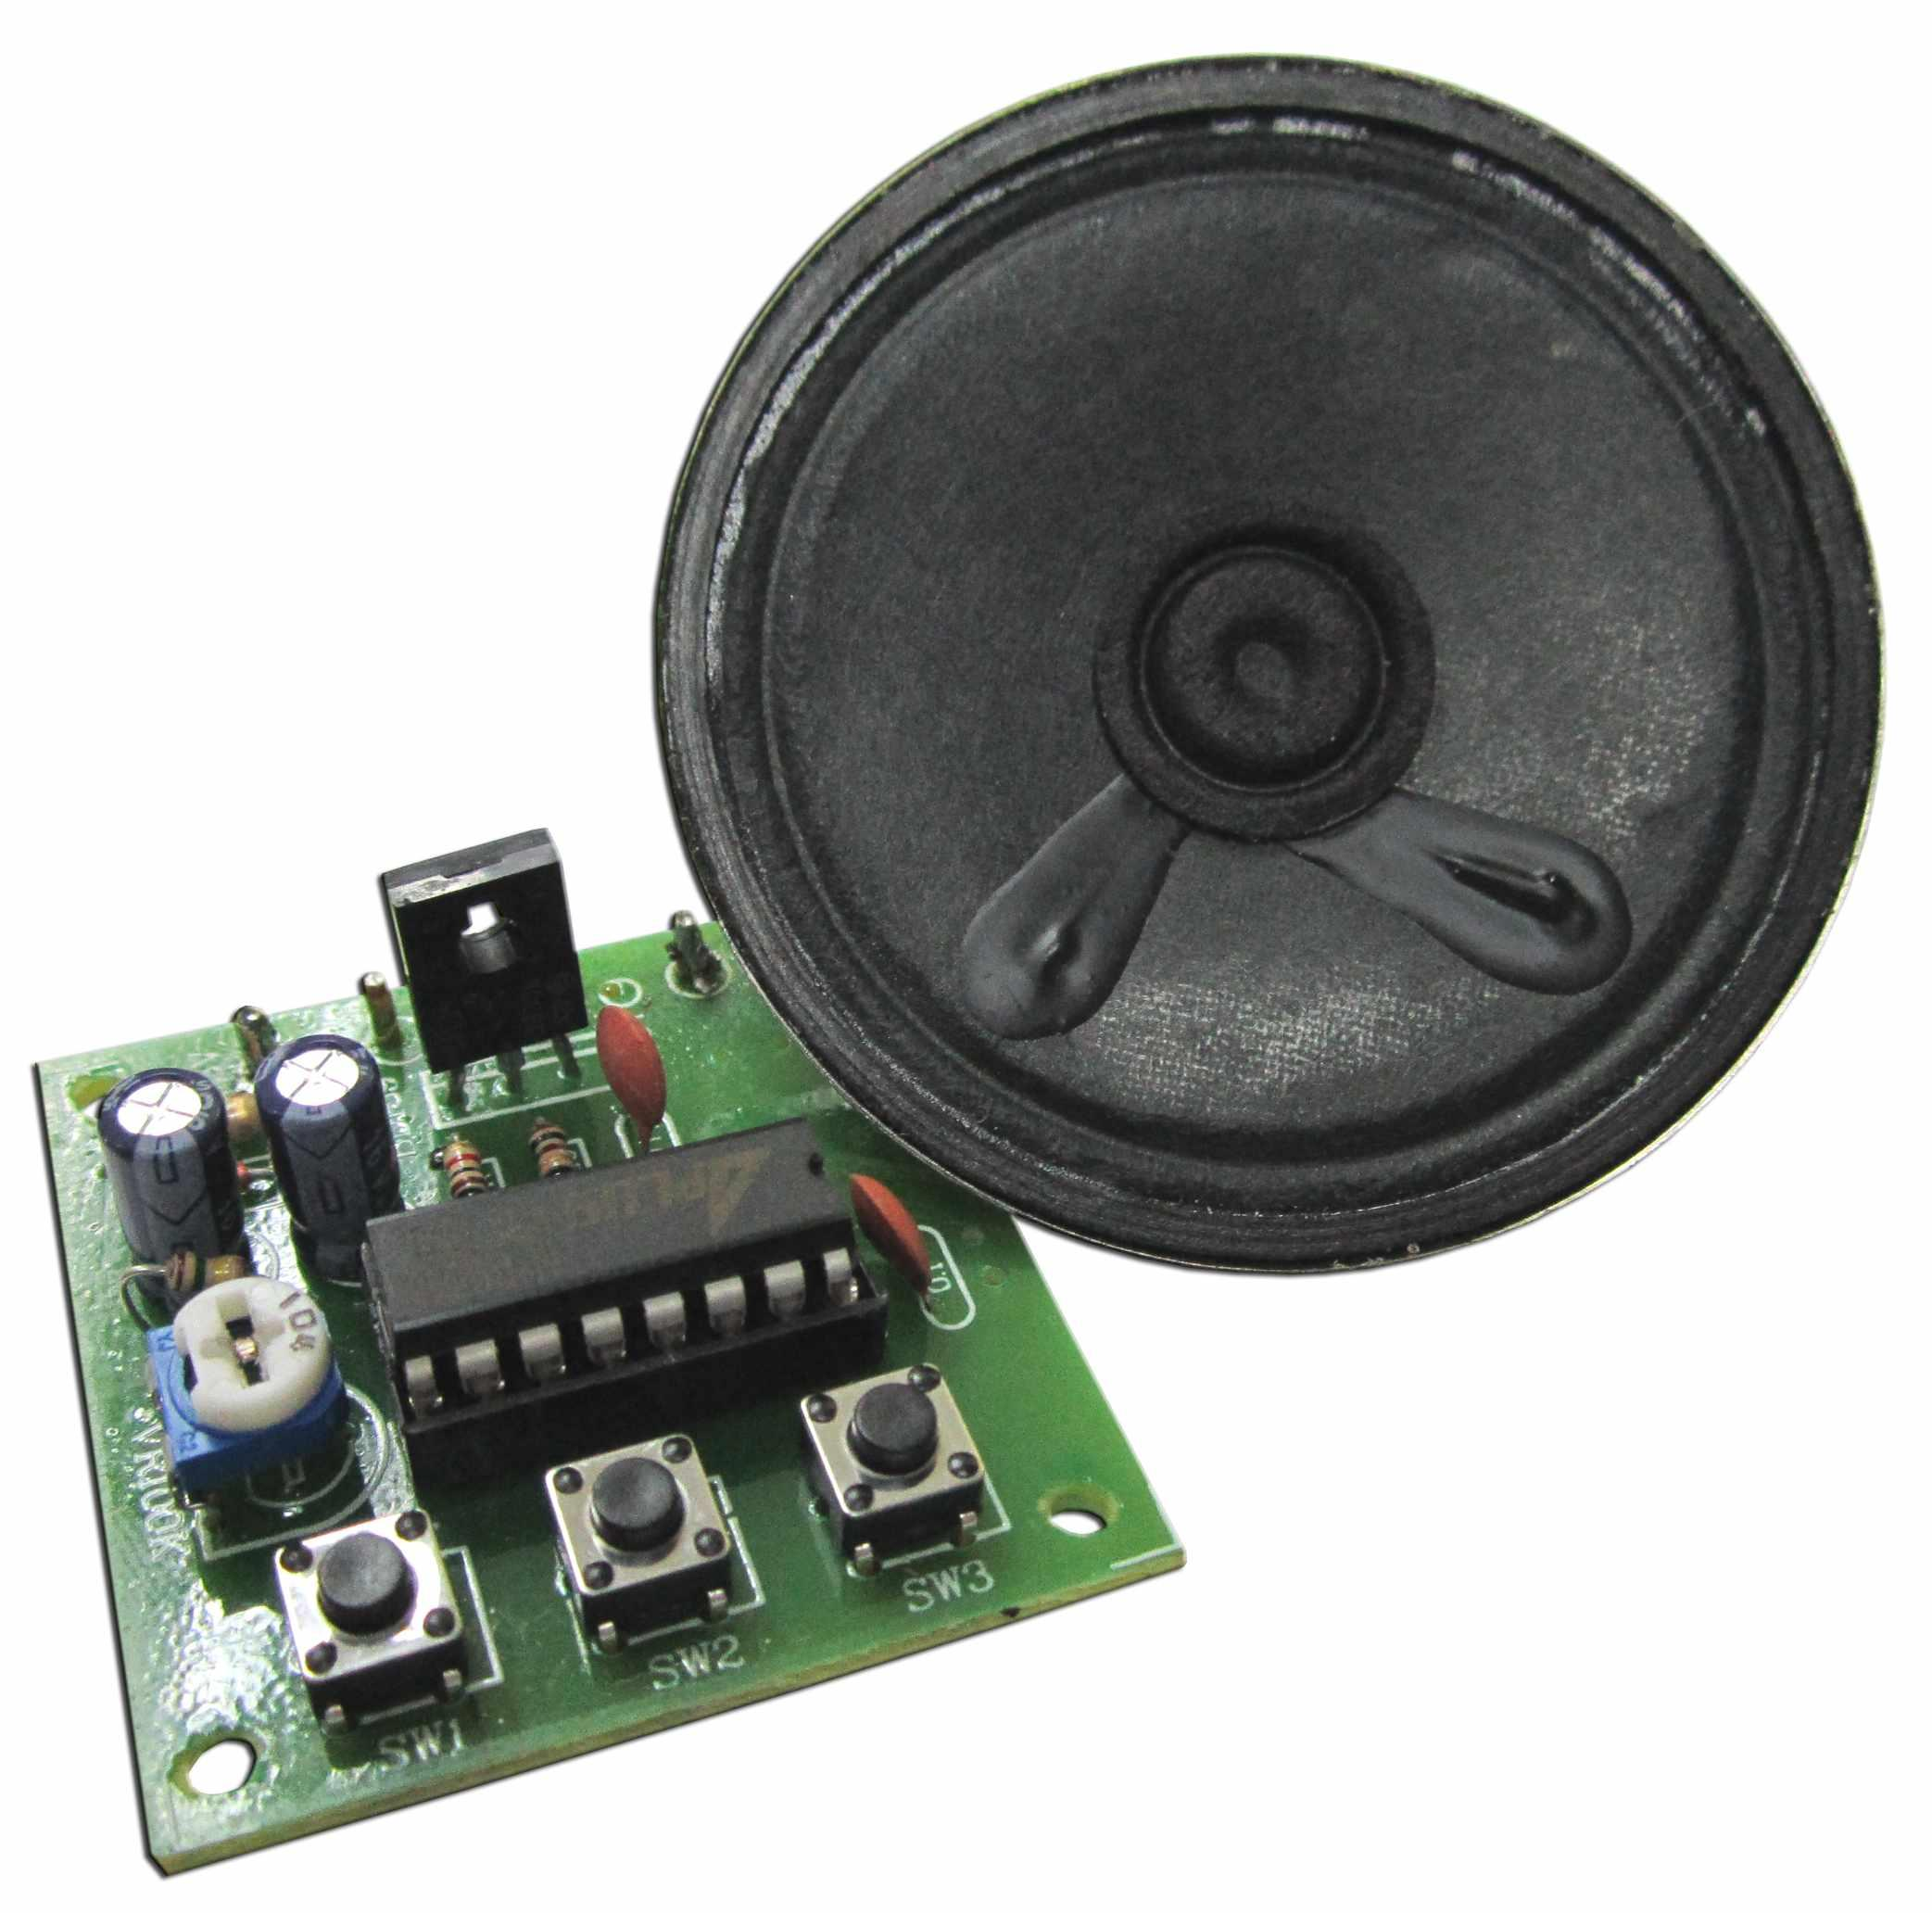 3 Monkey Voice (Gibbon, Monkey, Gorilla) Sound Kit